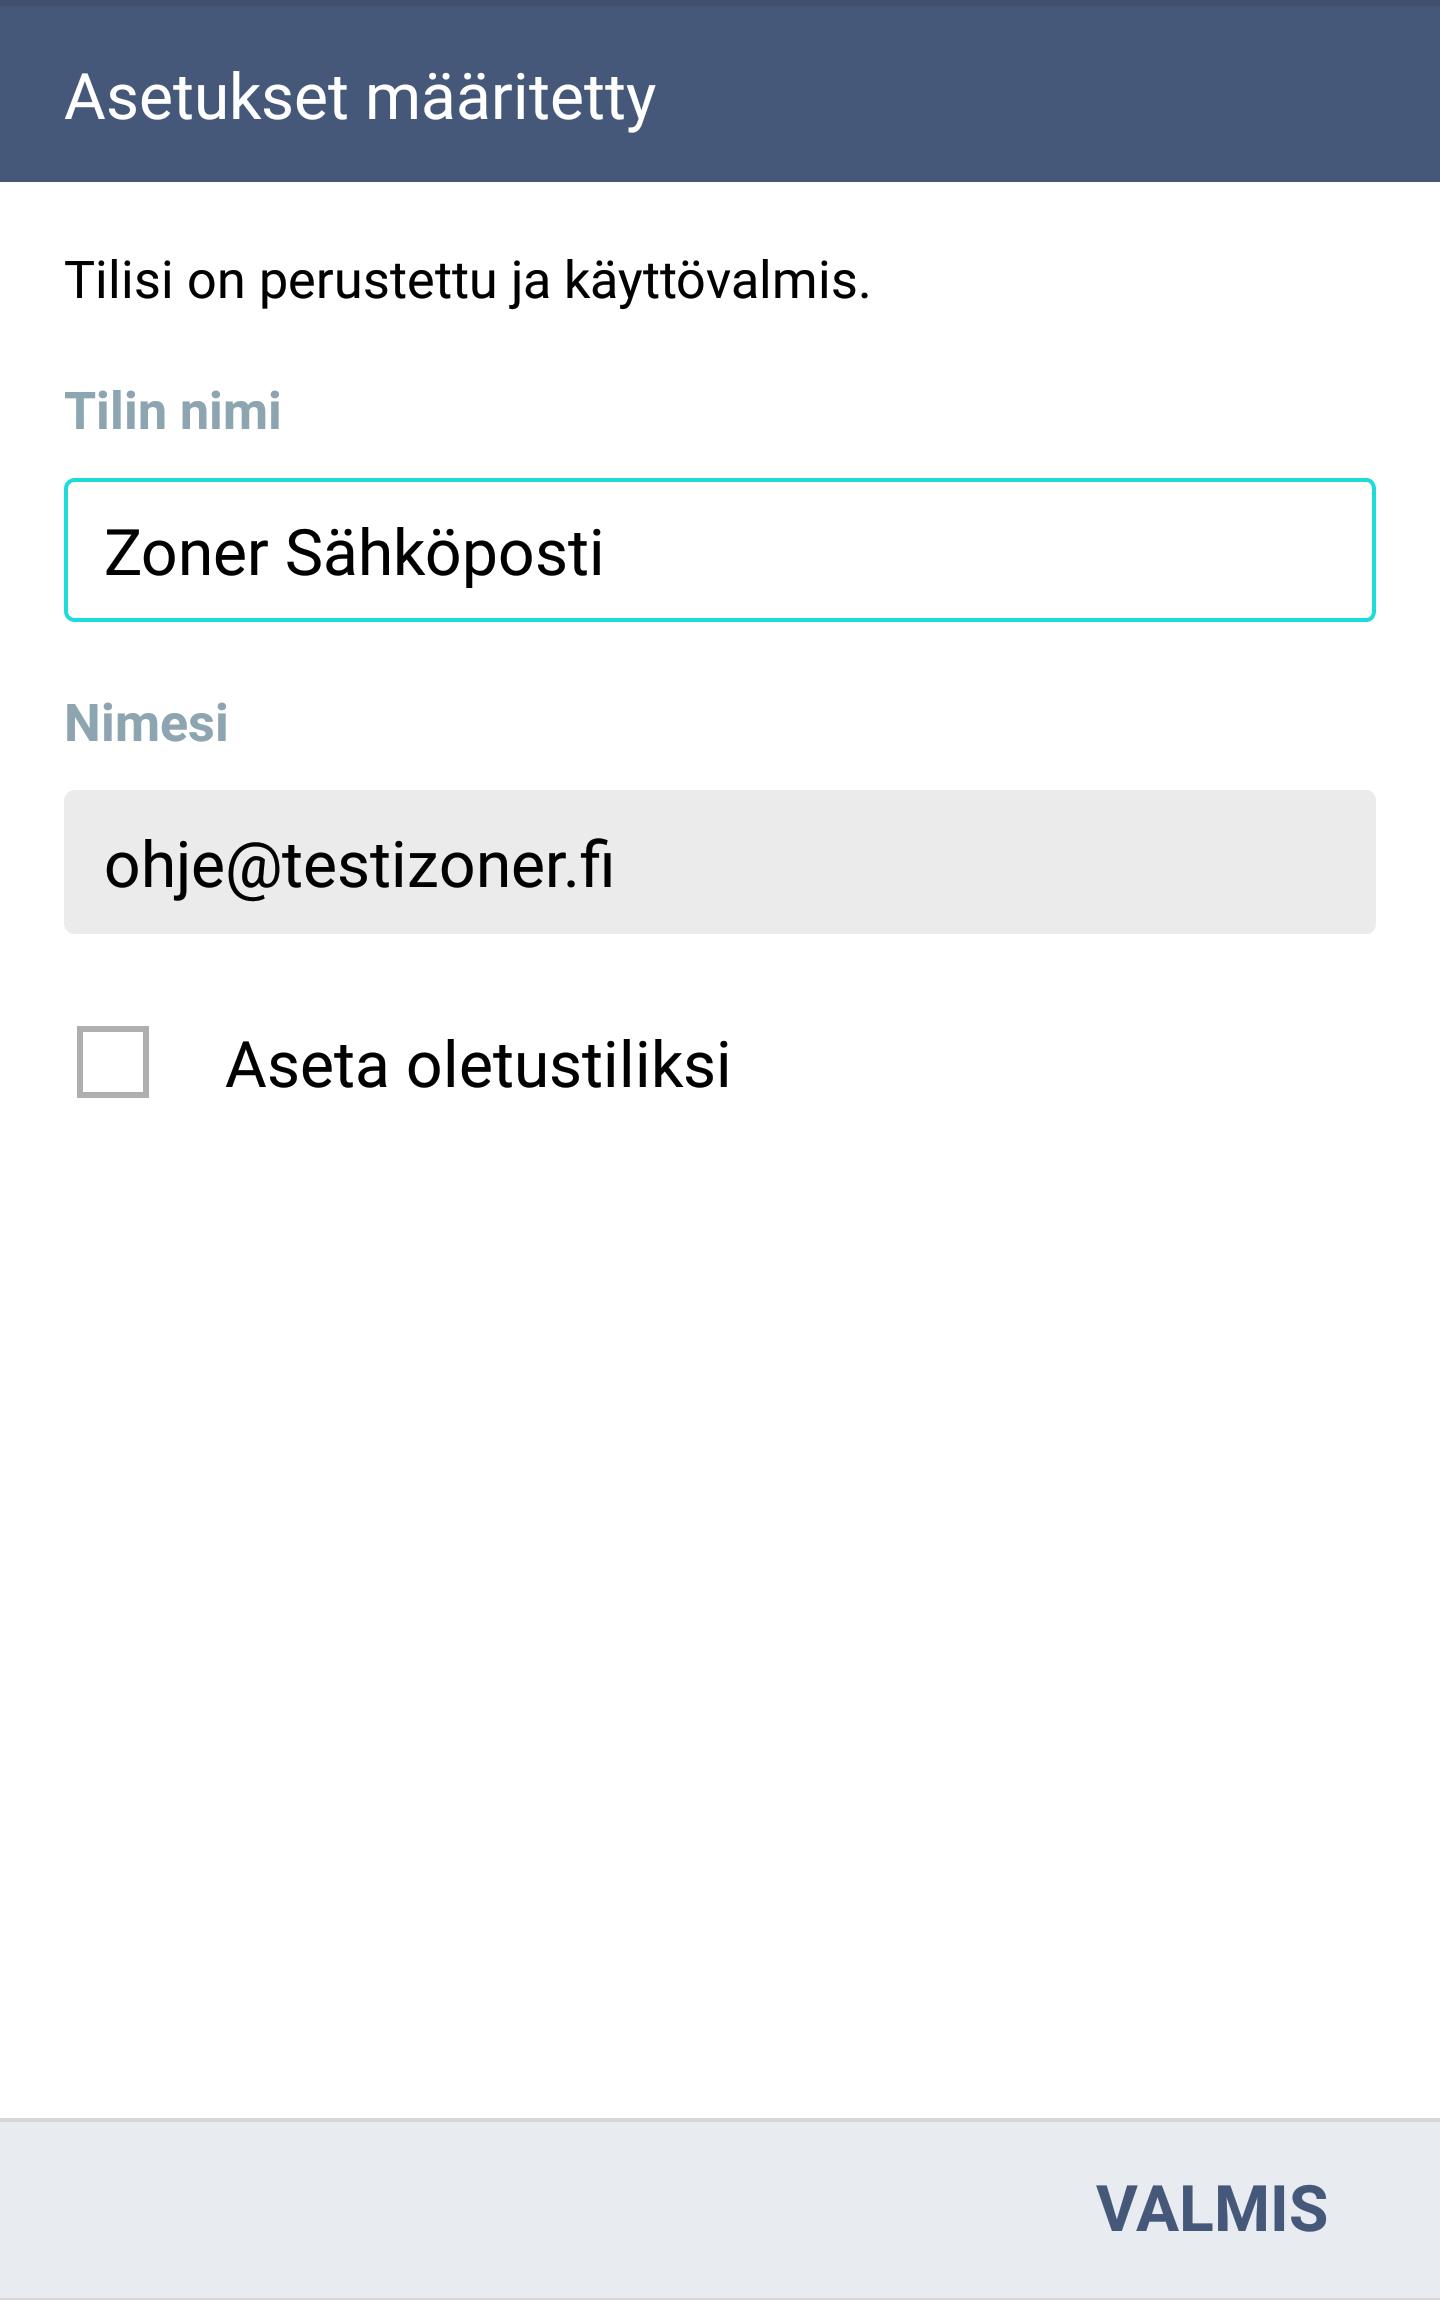 http://staticweb.zoner.fi/tuki/sahkoposti/android/kuva_9.jpg